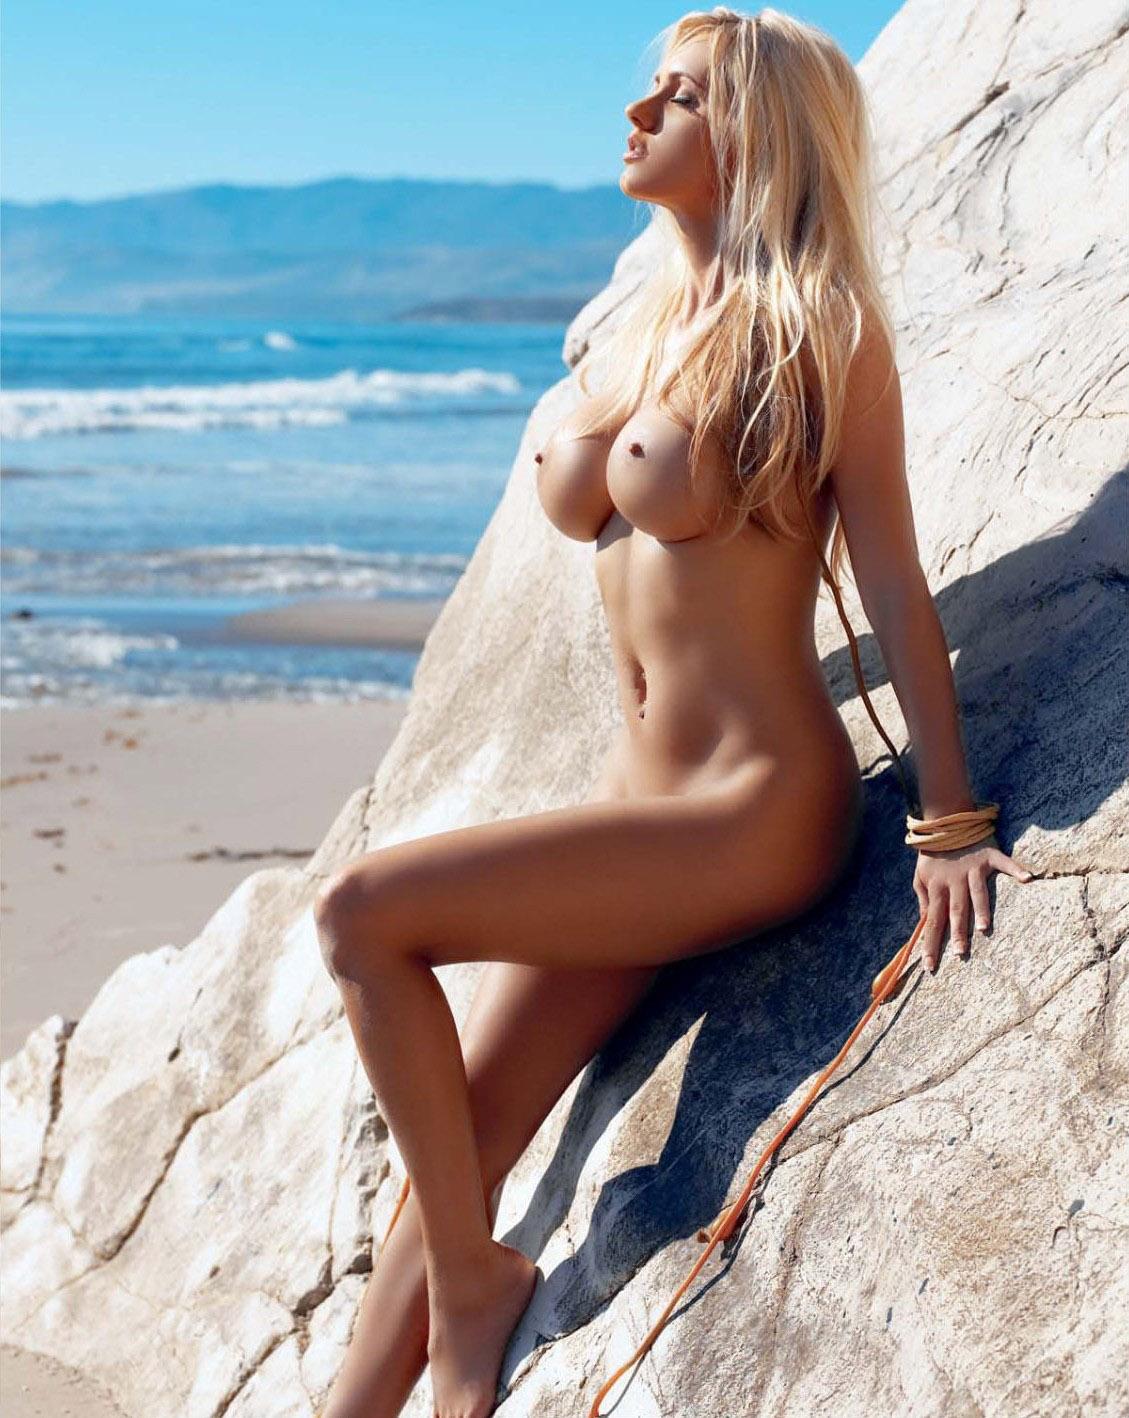 Casandra lynn nude